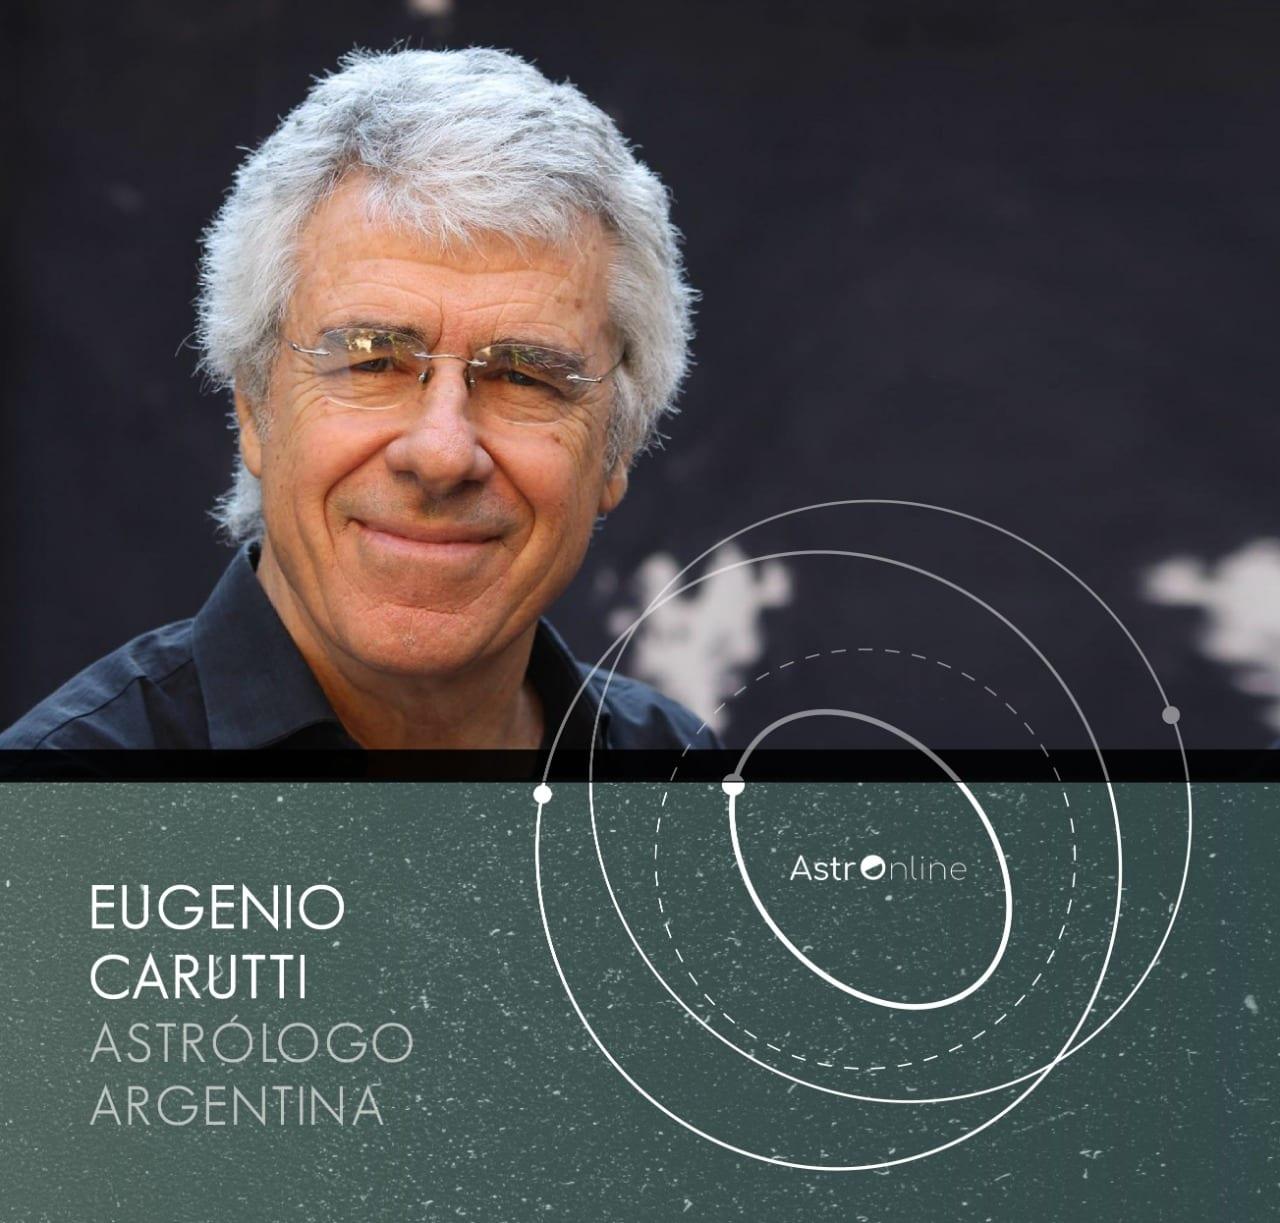 Eugenio Carutti